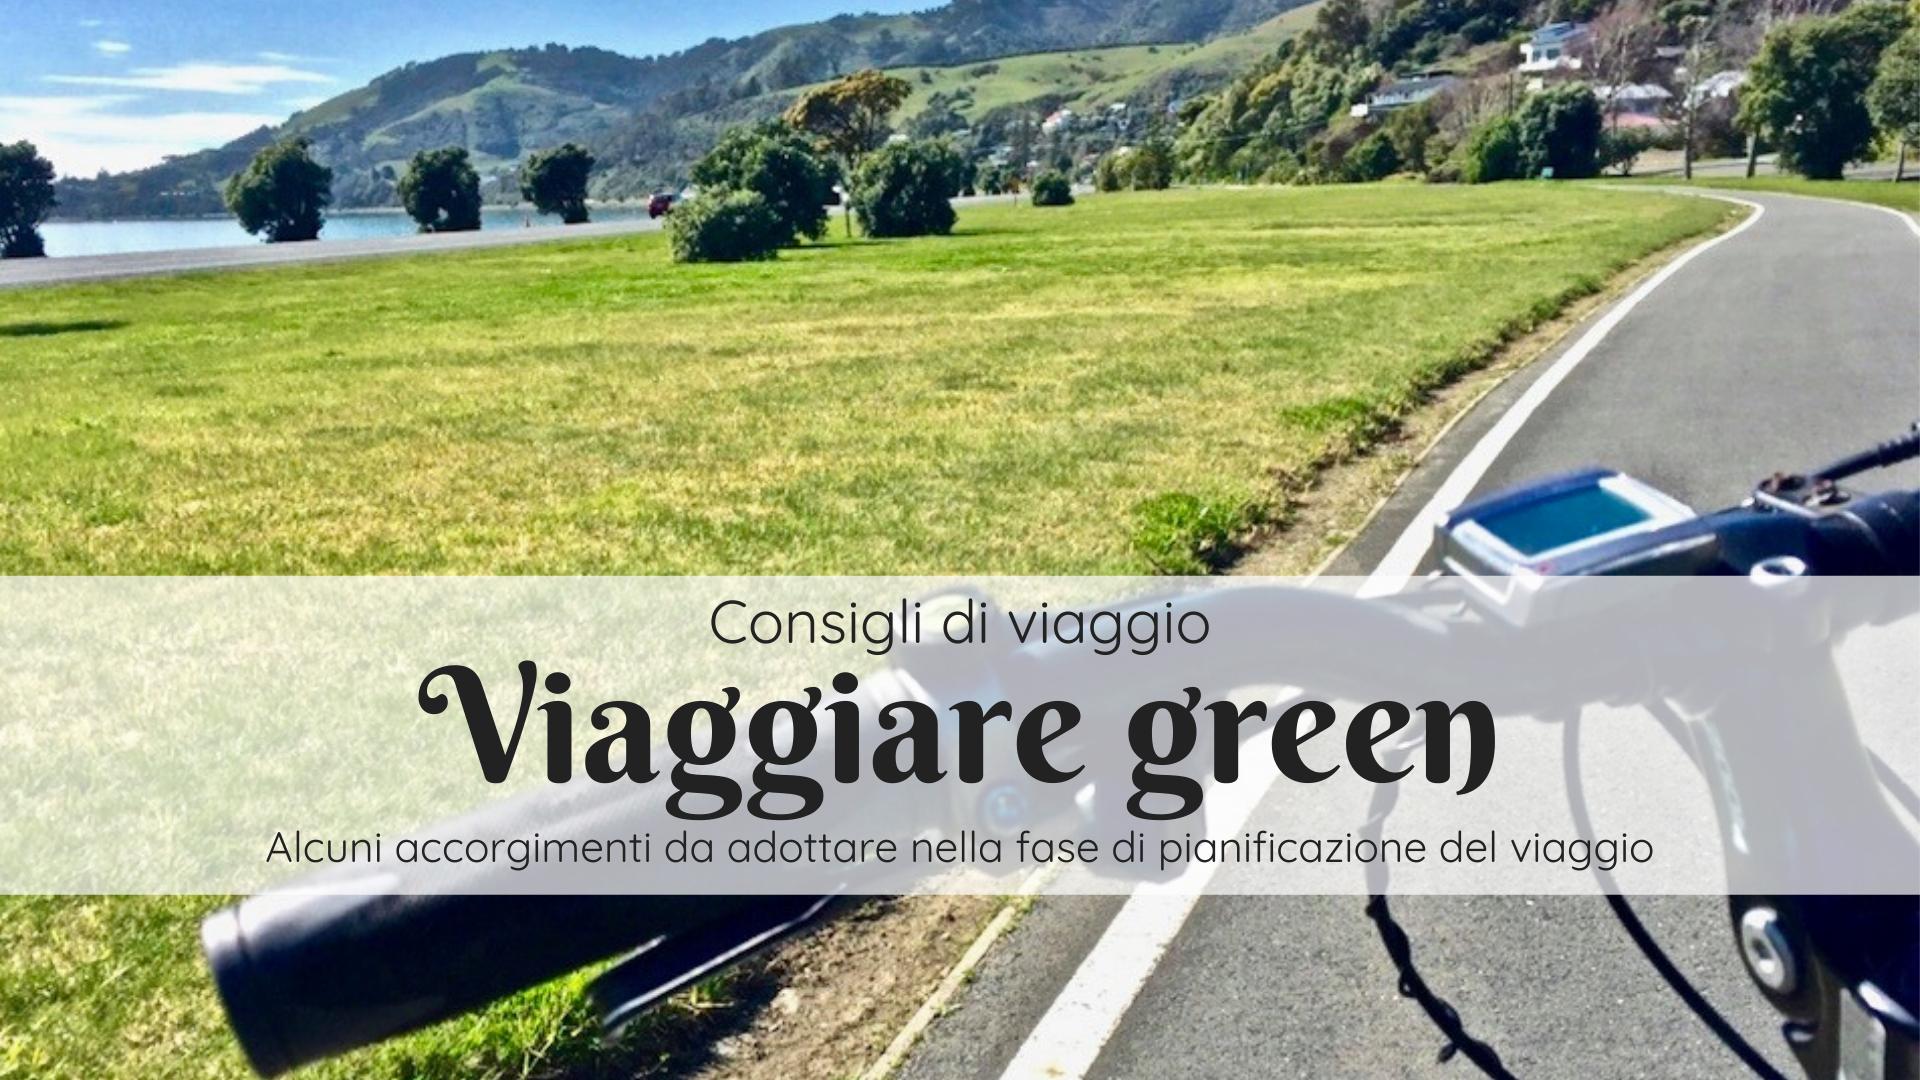 Viaggiare green